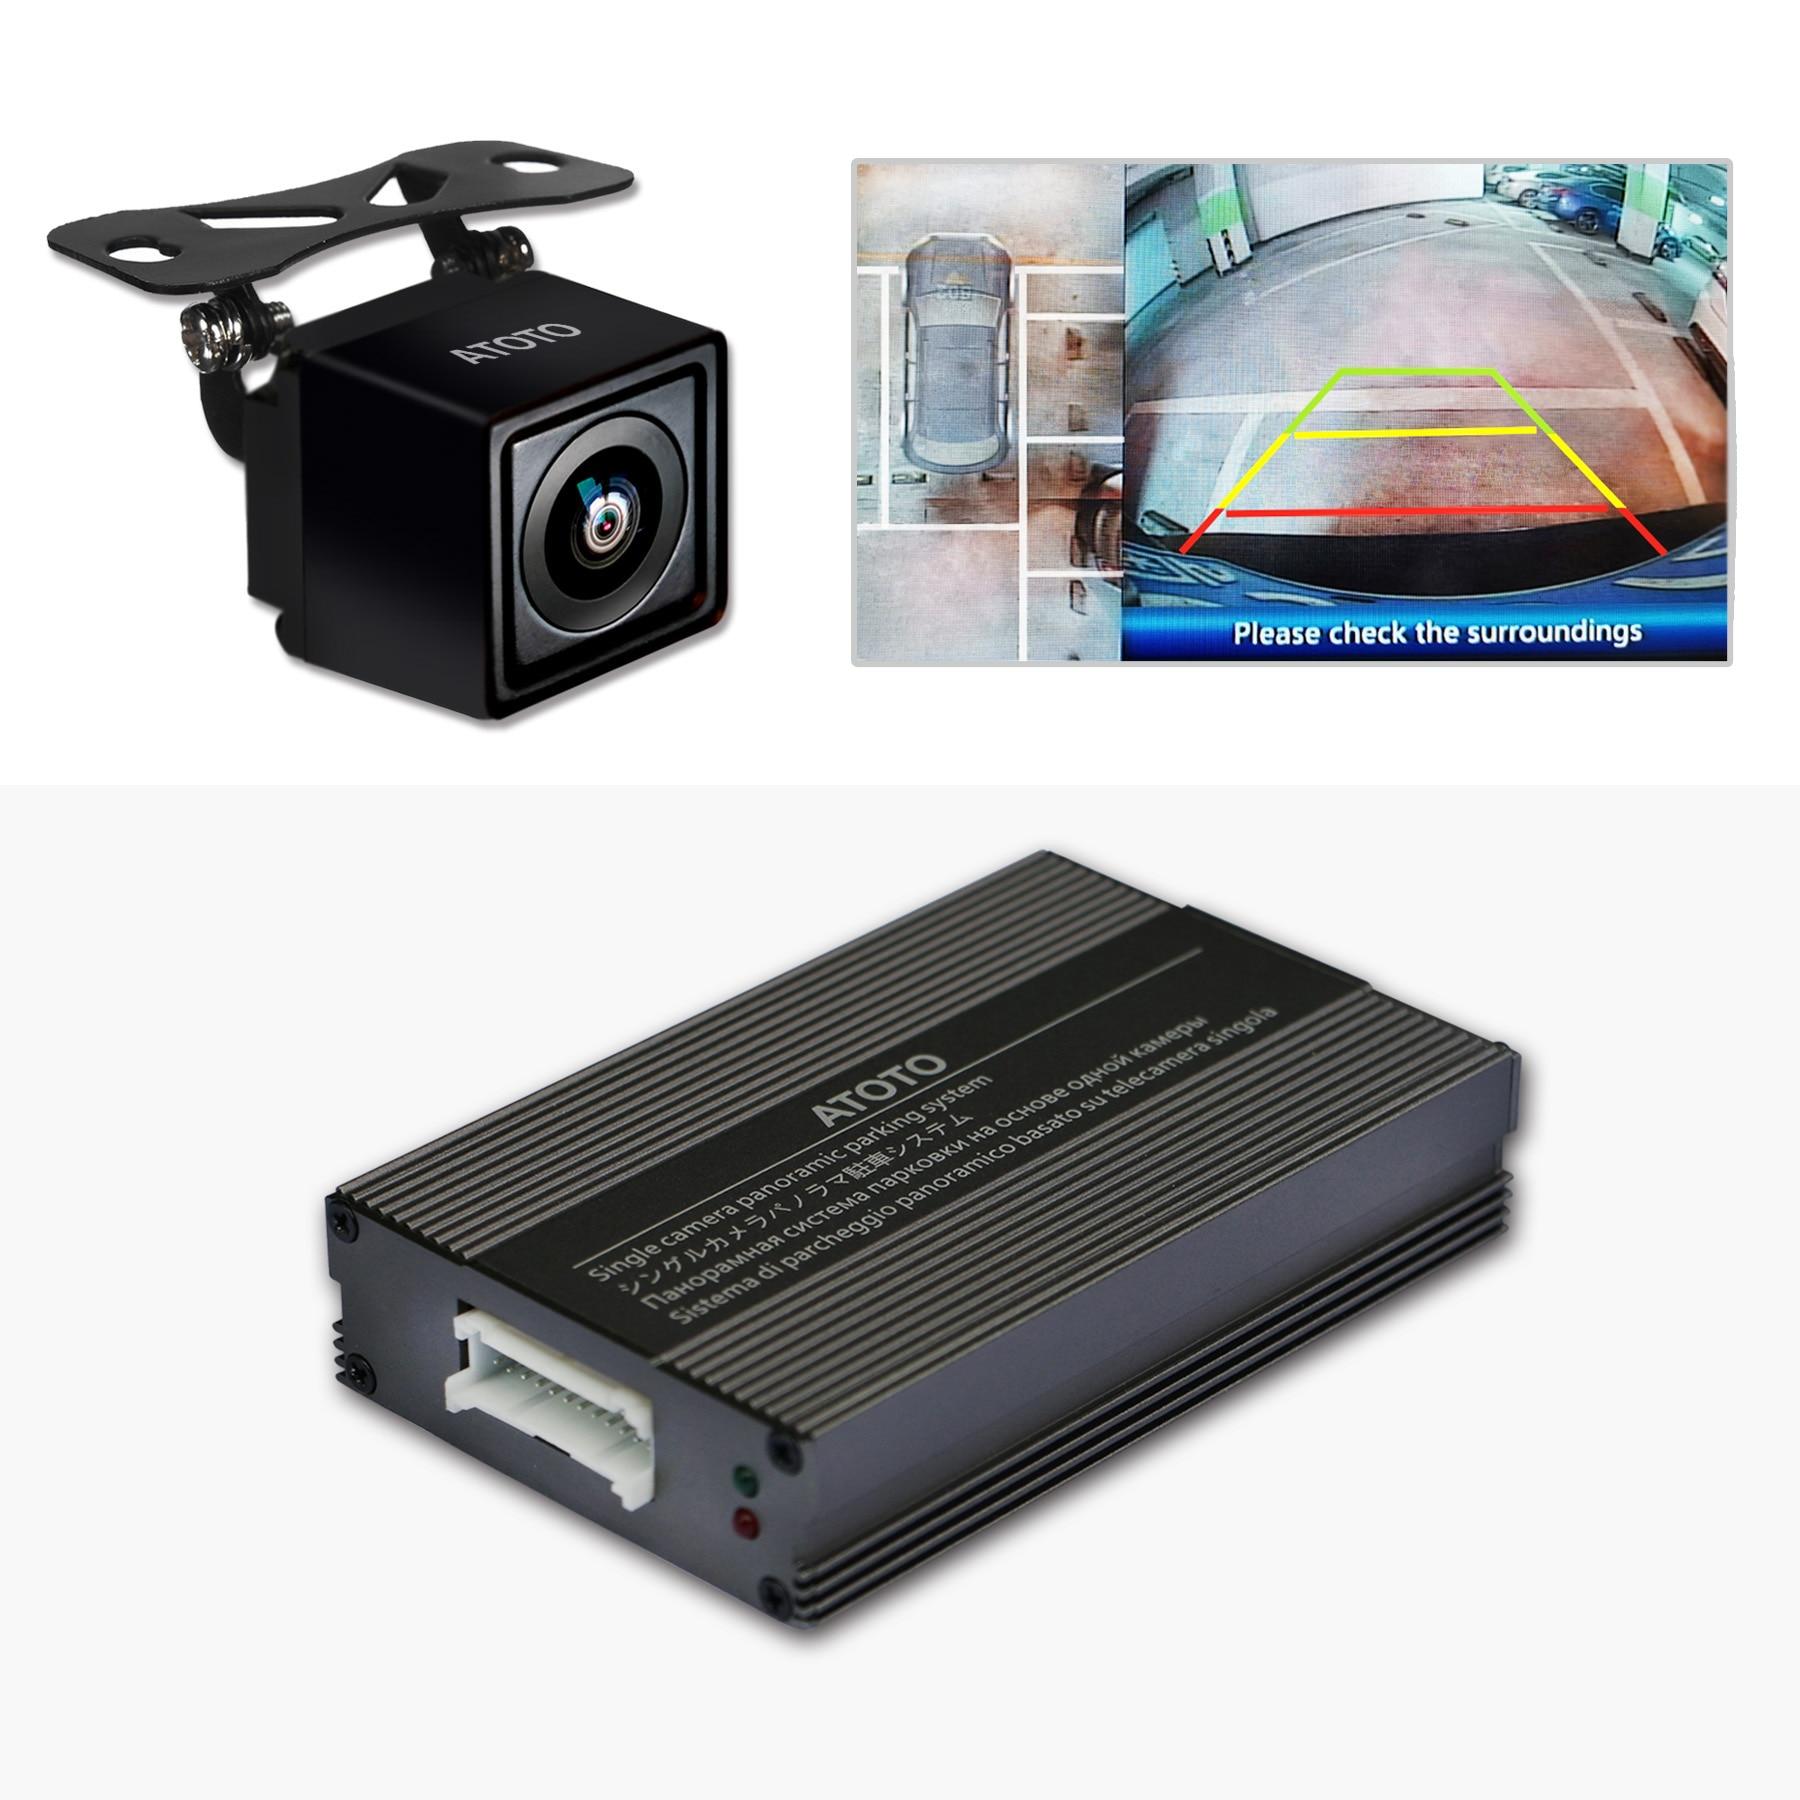 Atoto AC-SC3601 câmera de visão surround sistema de estacionamento-imagem panorâmica costurada-vista olho de pássaro circunstâncias